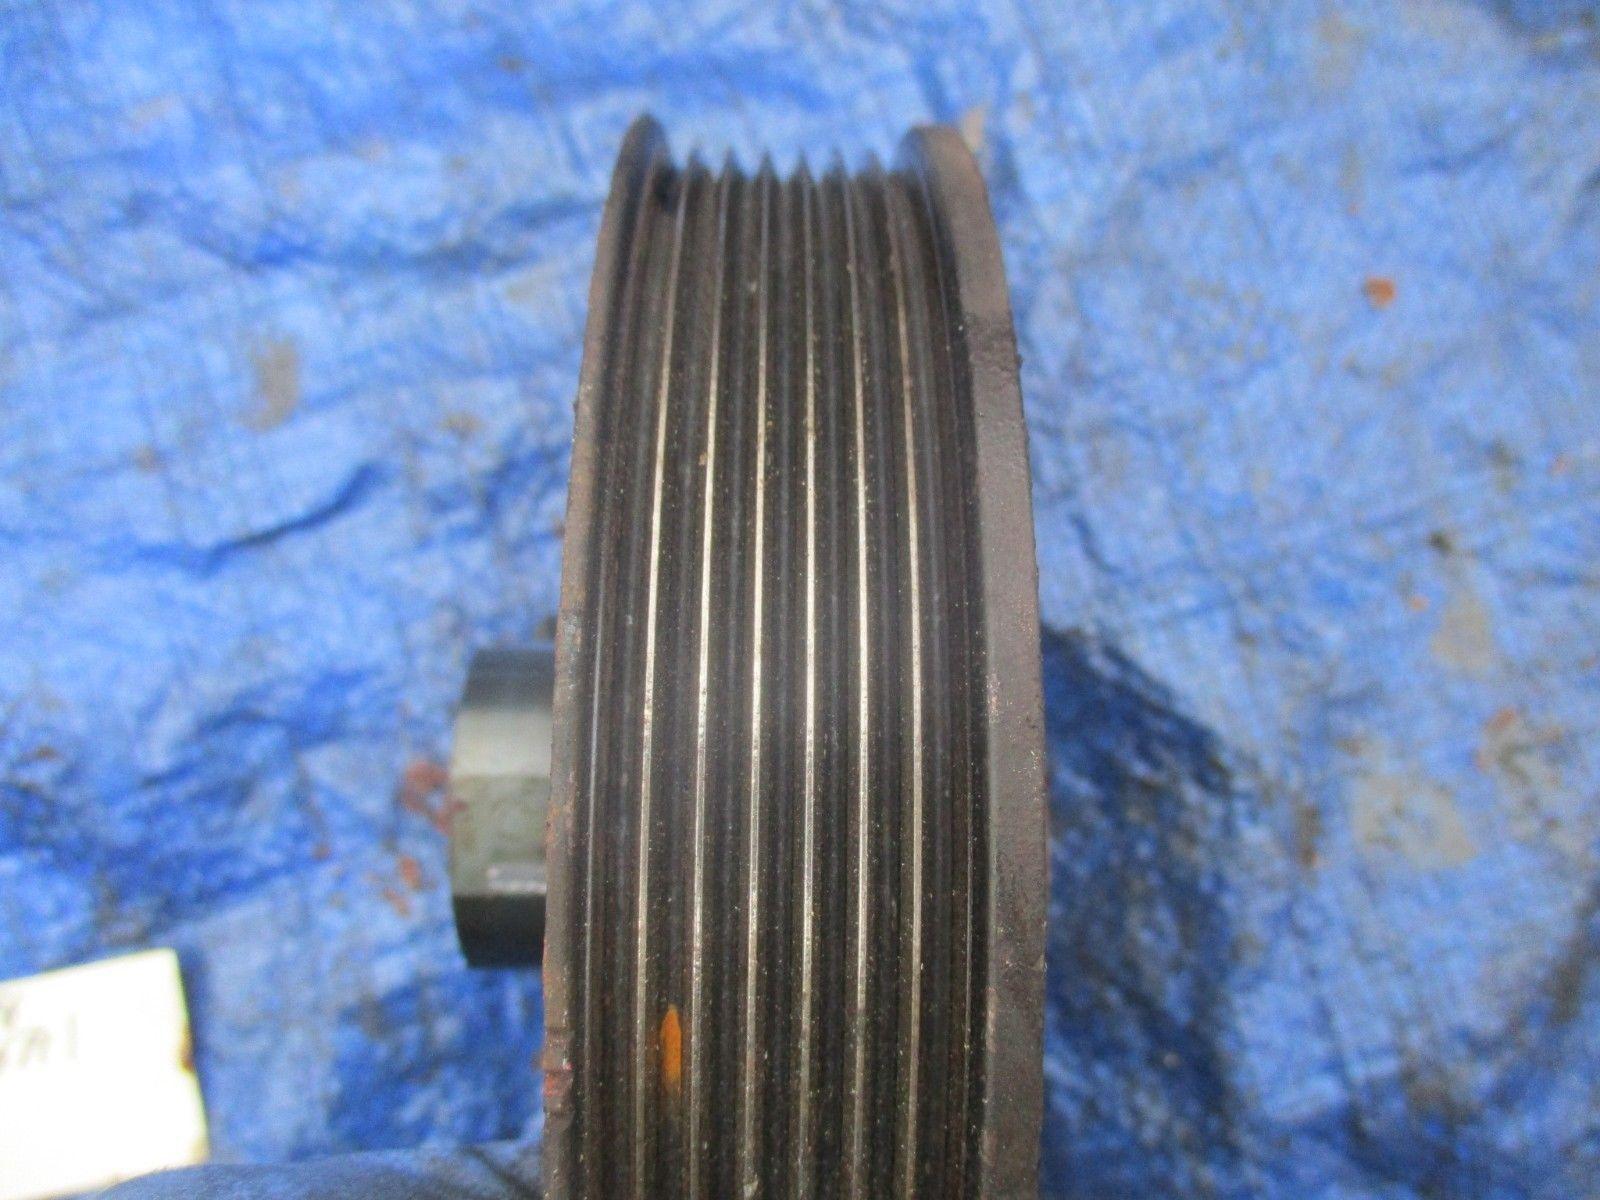 06-09 Honda Civic R18A1 VTEC crankshaft pulley OEM engine motor R18 crank RNA 2